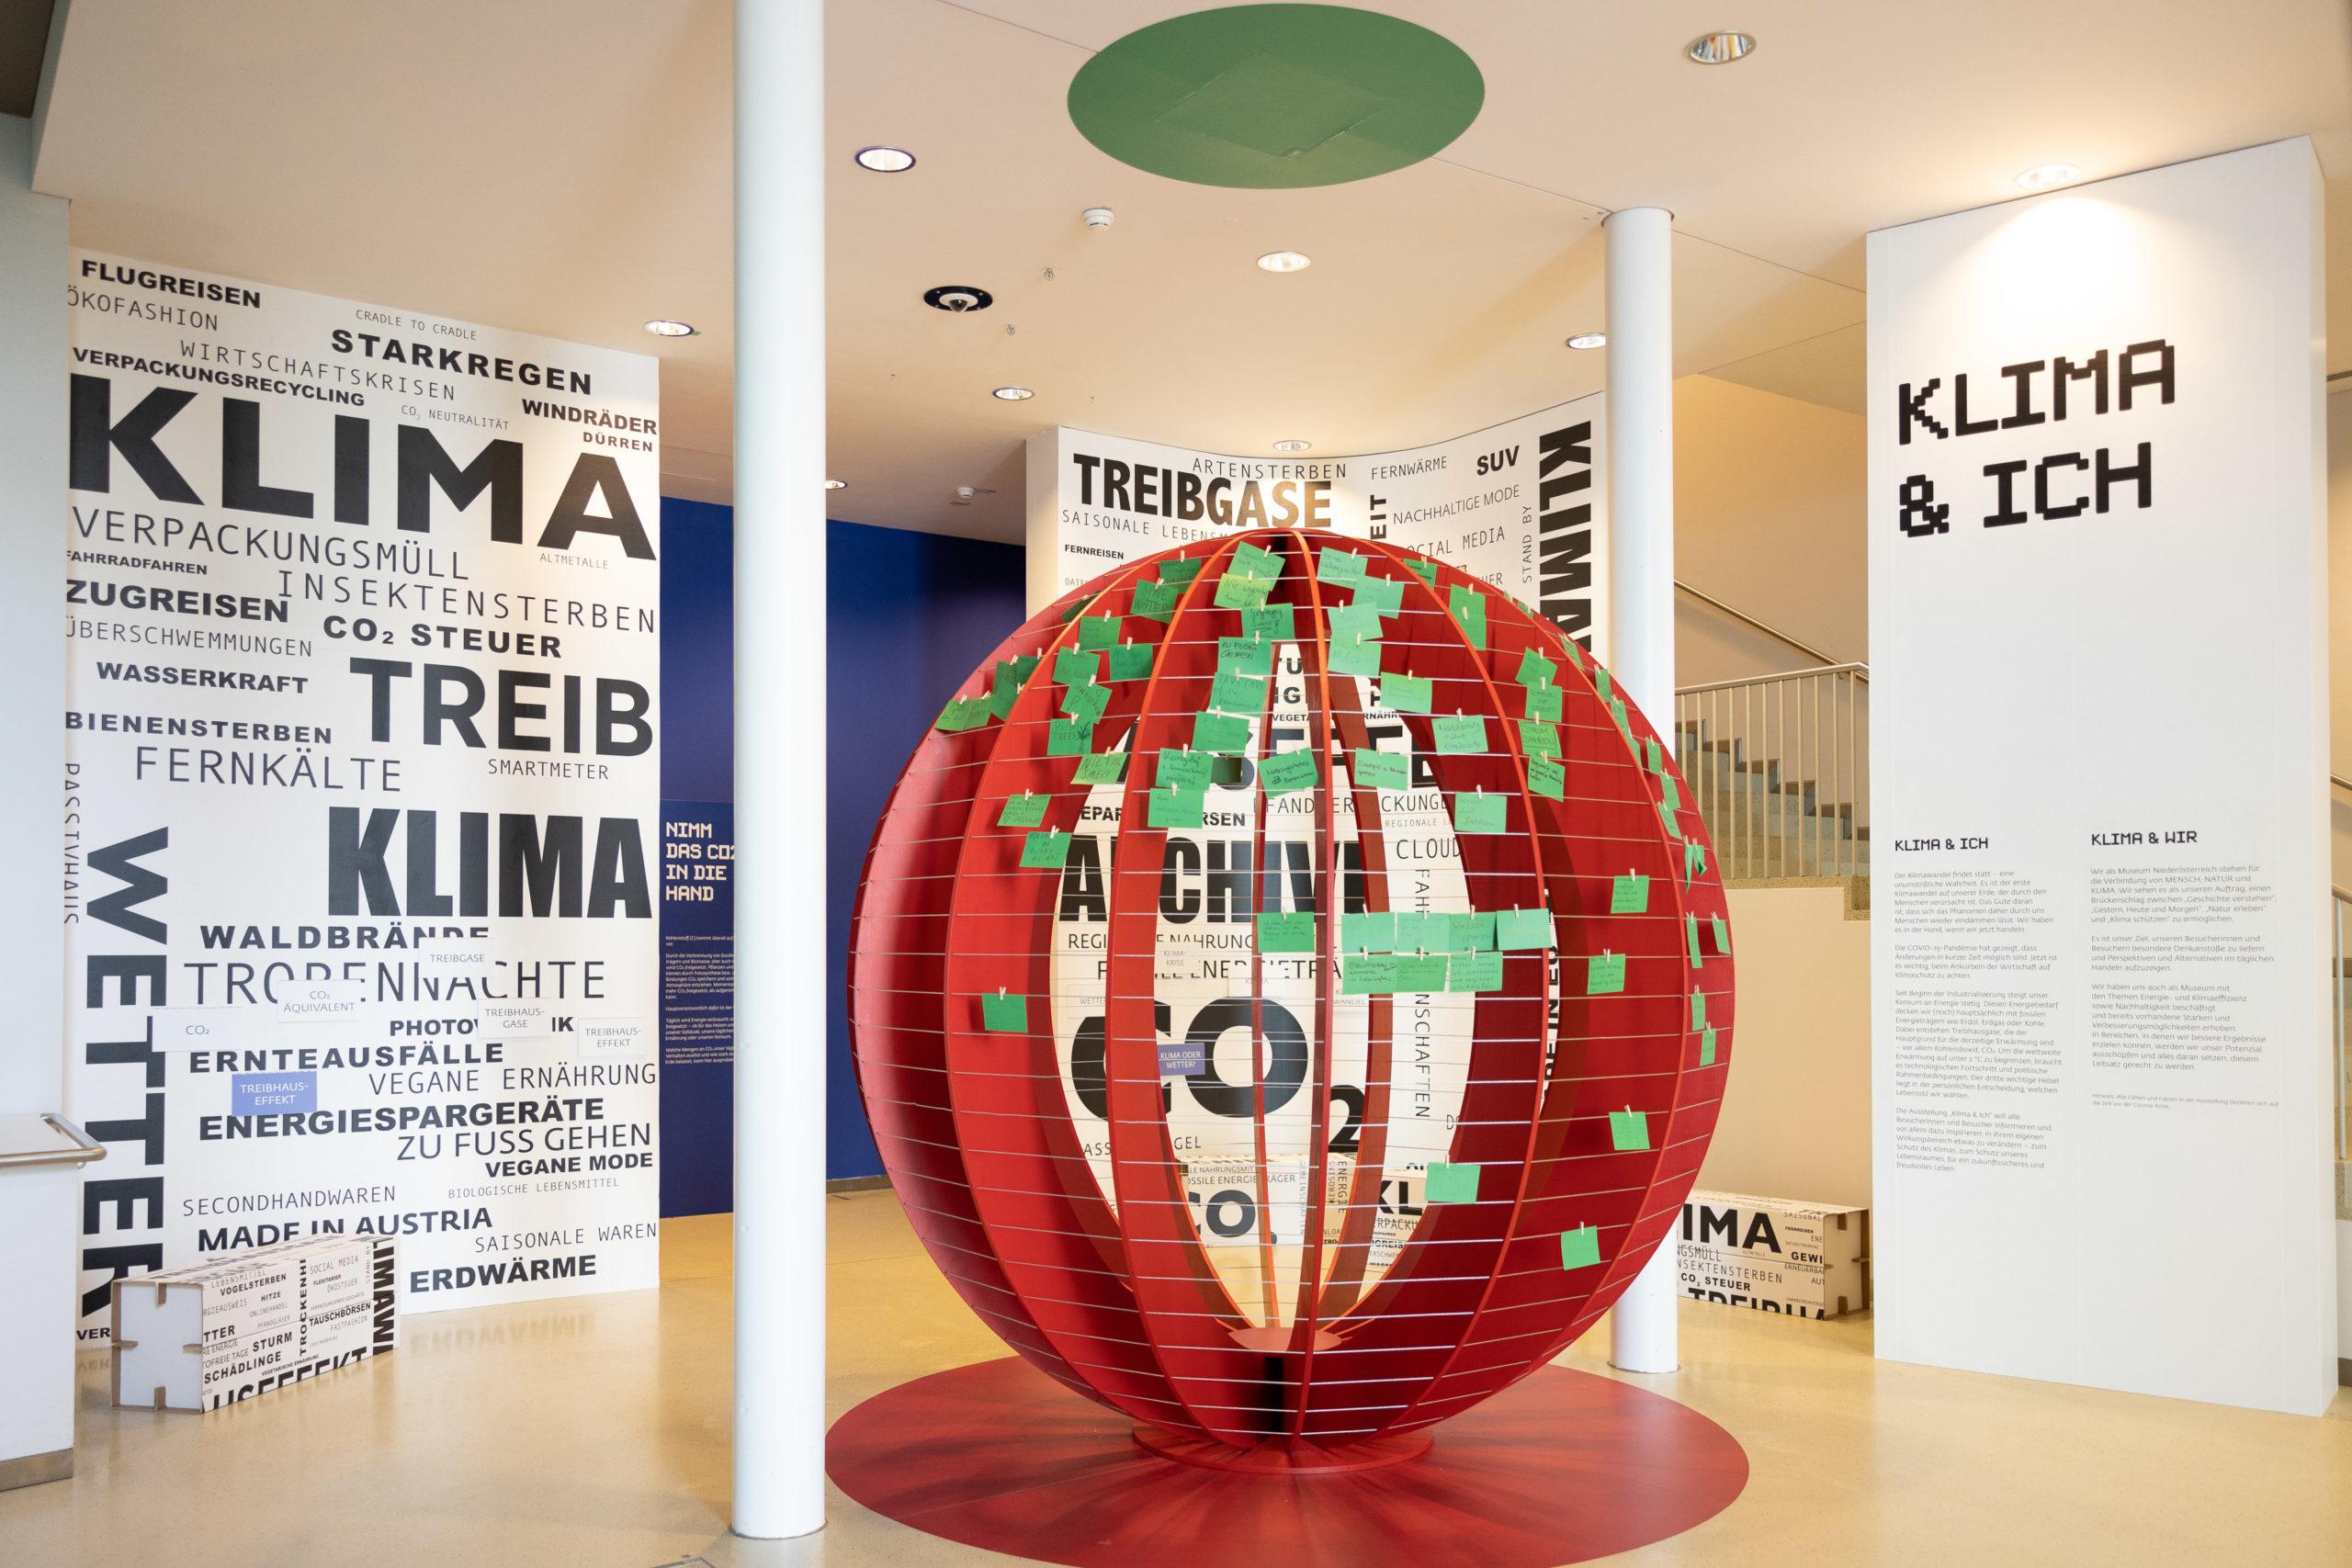 Im Eingangsbereich der Ausstellung Klima und Ich:Unser täglicher CO2-Ausstoß pro Person als 3 Meter große Kugel dargestellt